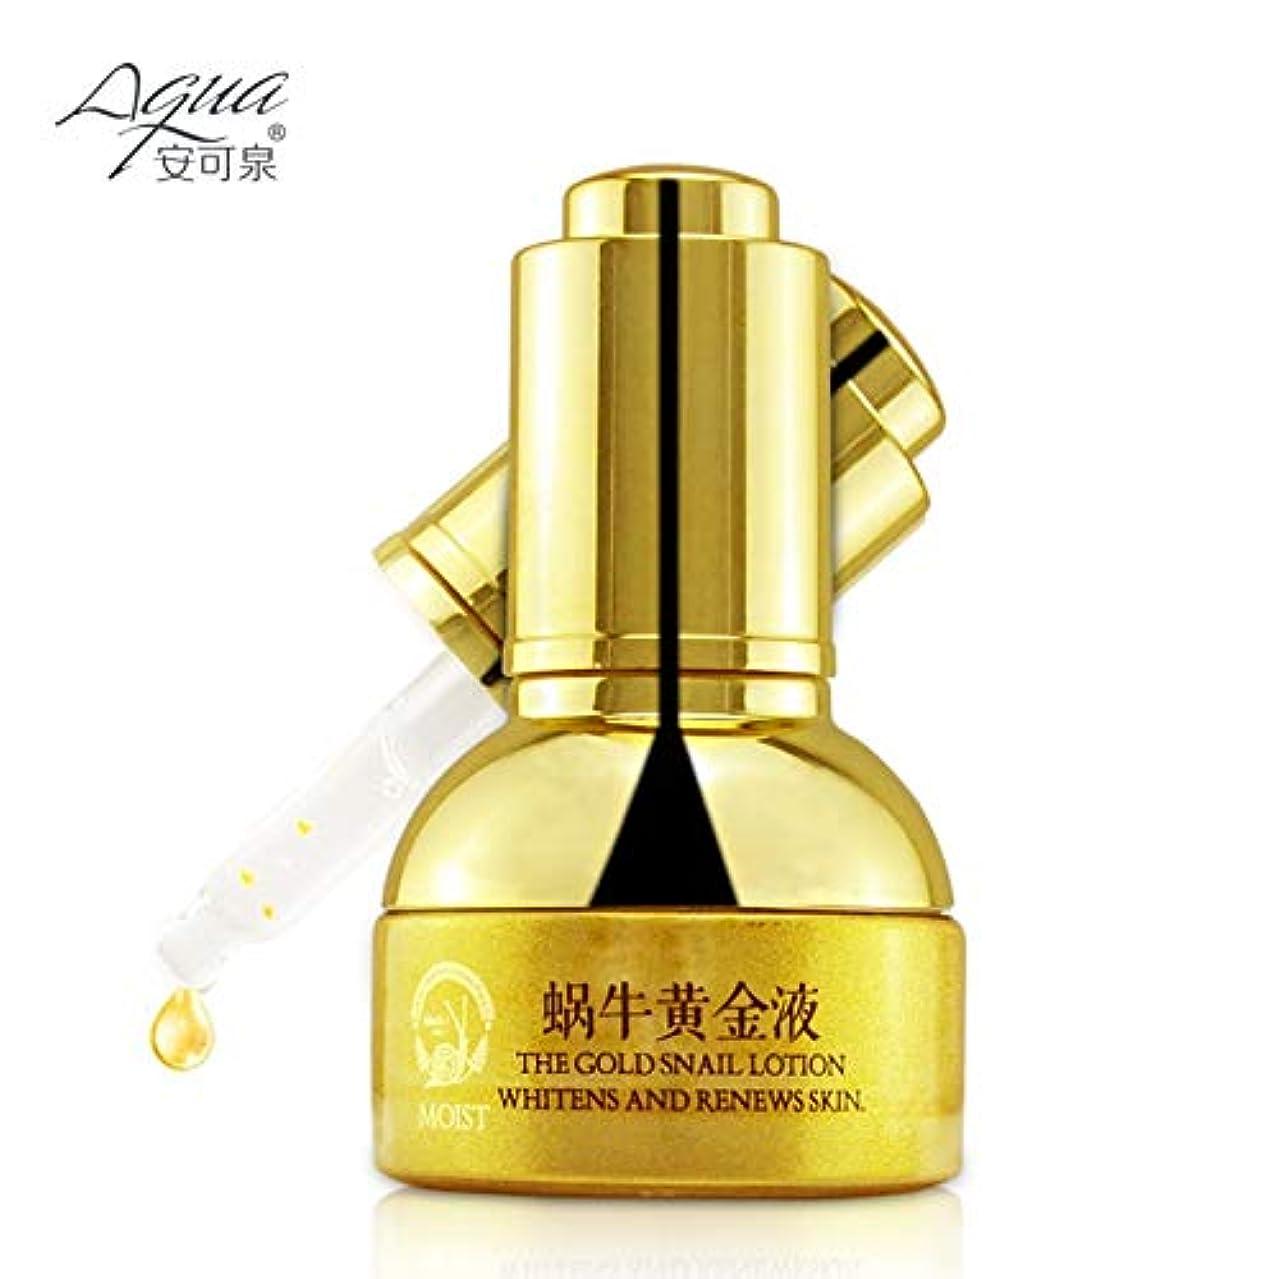 ライナー副産物規制ケアカタツムリエッセンスデイクリームアンチリンクルフェイスコラーゲン寧保湿性液体の美し熱い販売:中国